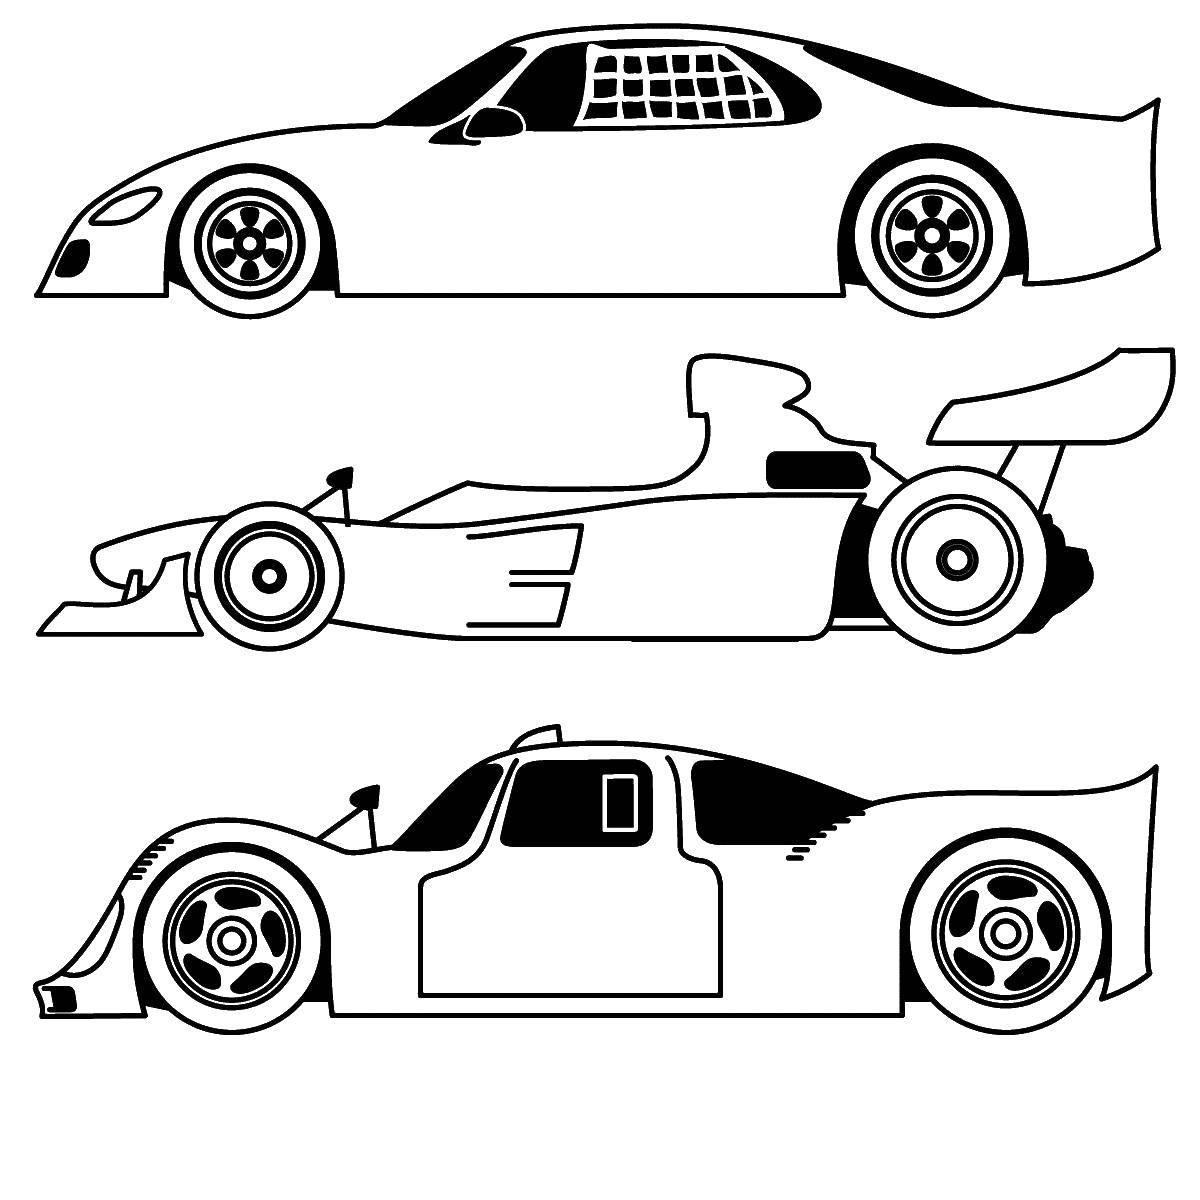 Раскраска Гоночные машины Скачать машины, транспорт, гоночные автомобили.  Распечатать ,машины,